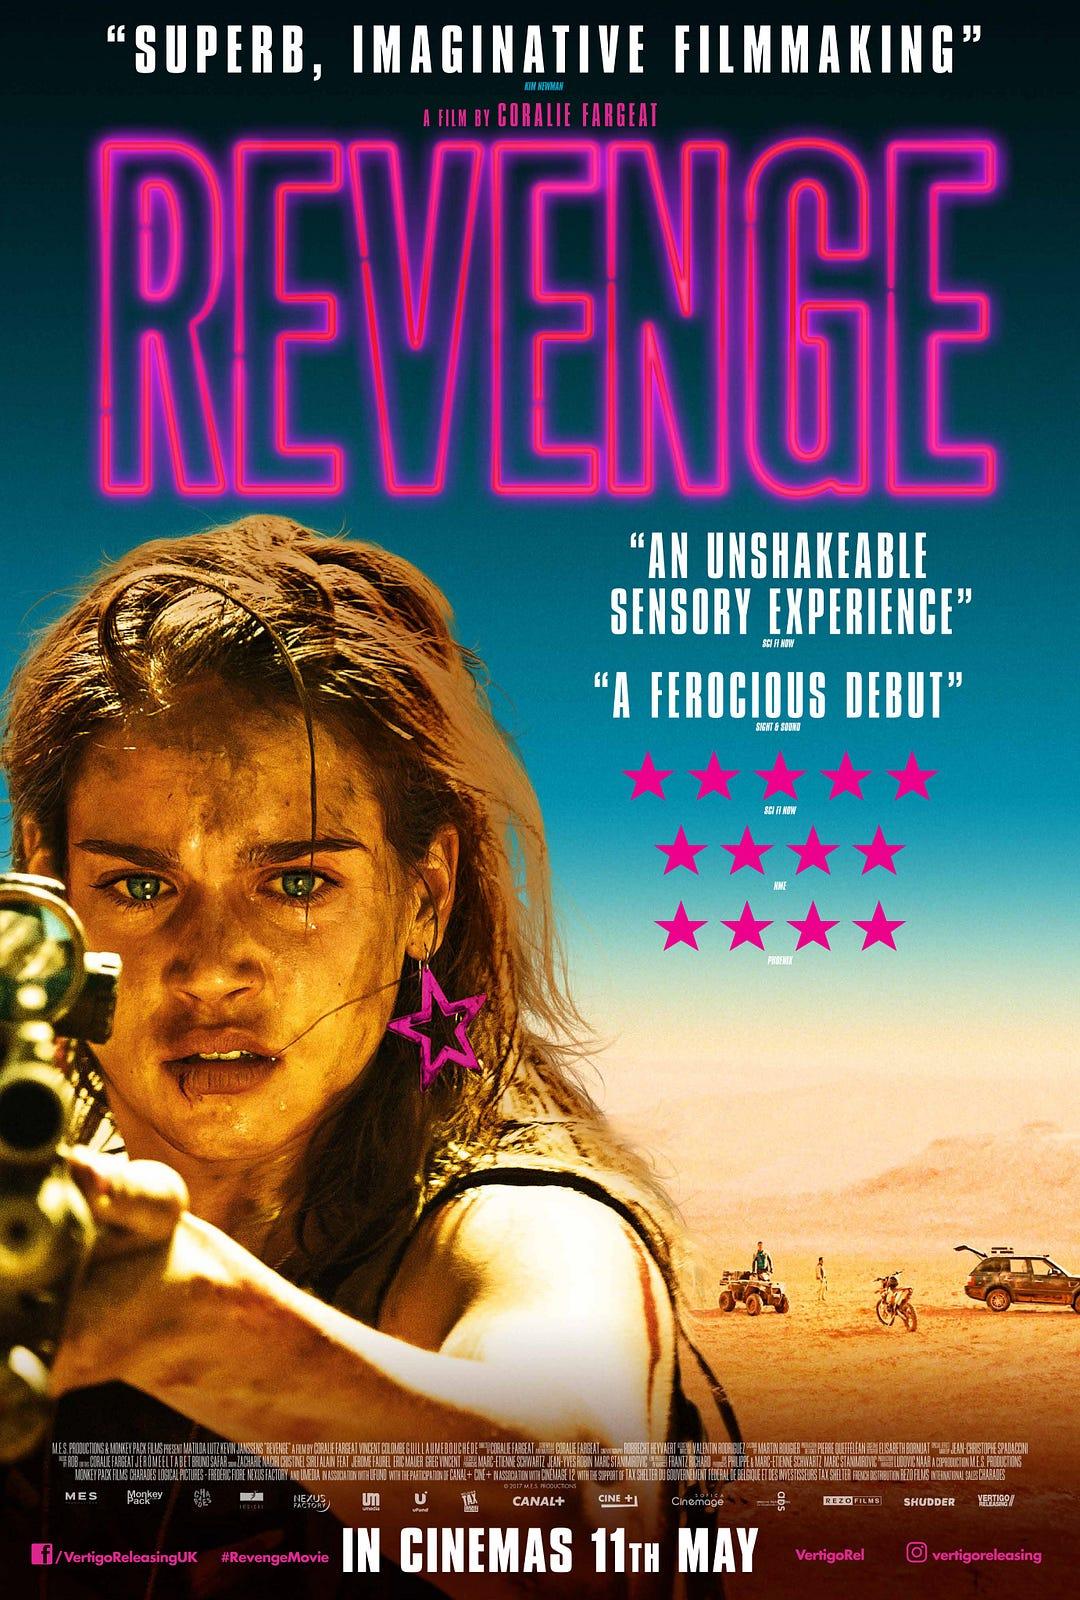 Revenge Saison 1 Streaming Vf : revenge, saison, streaming, Revenge, Streaming, Films